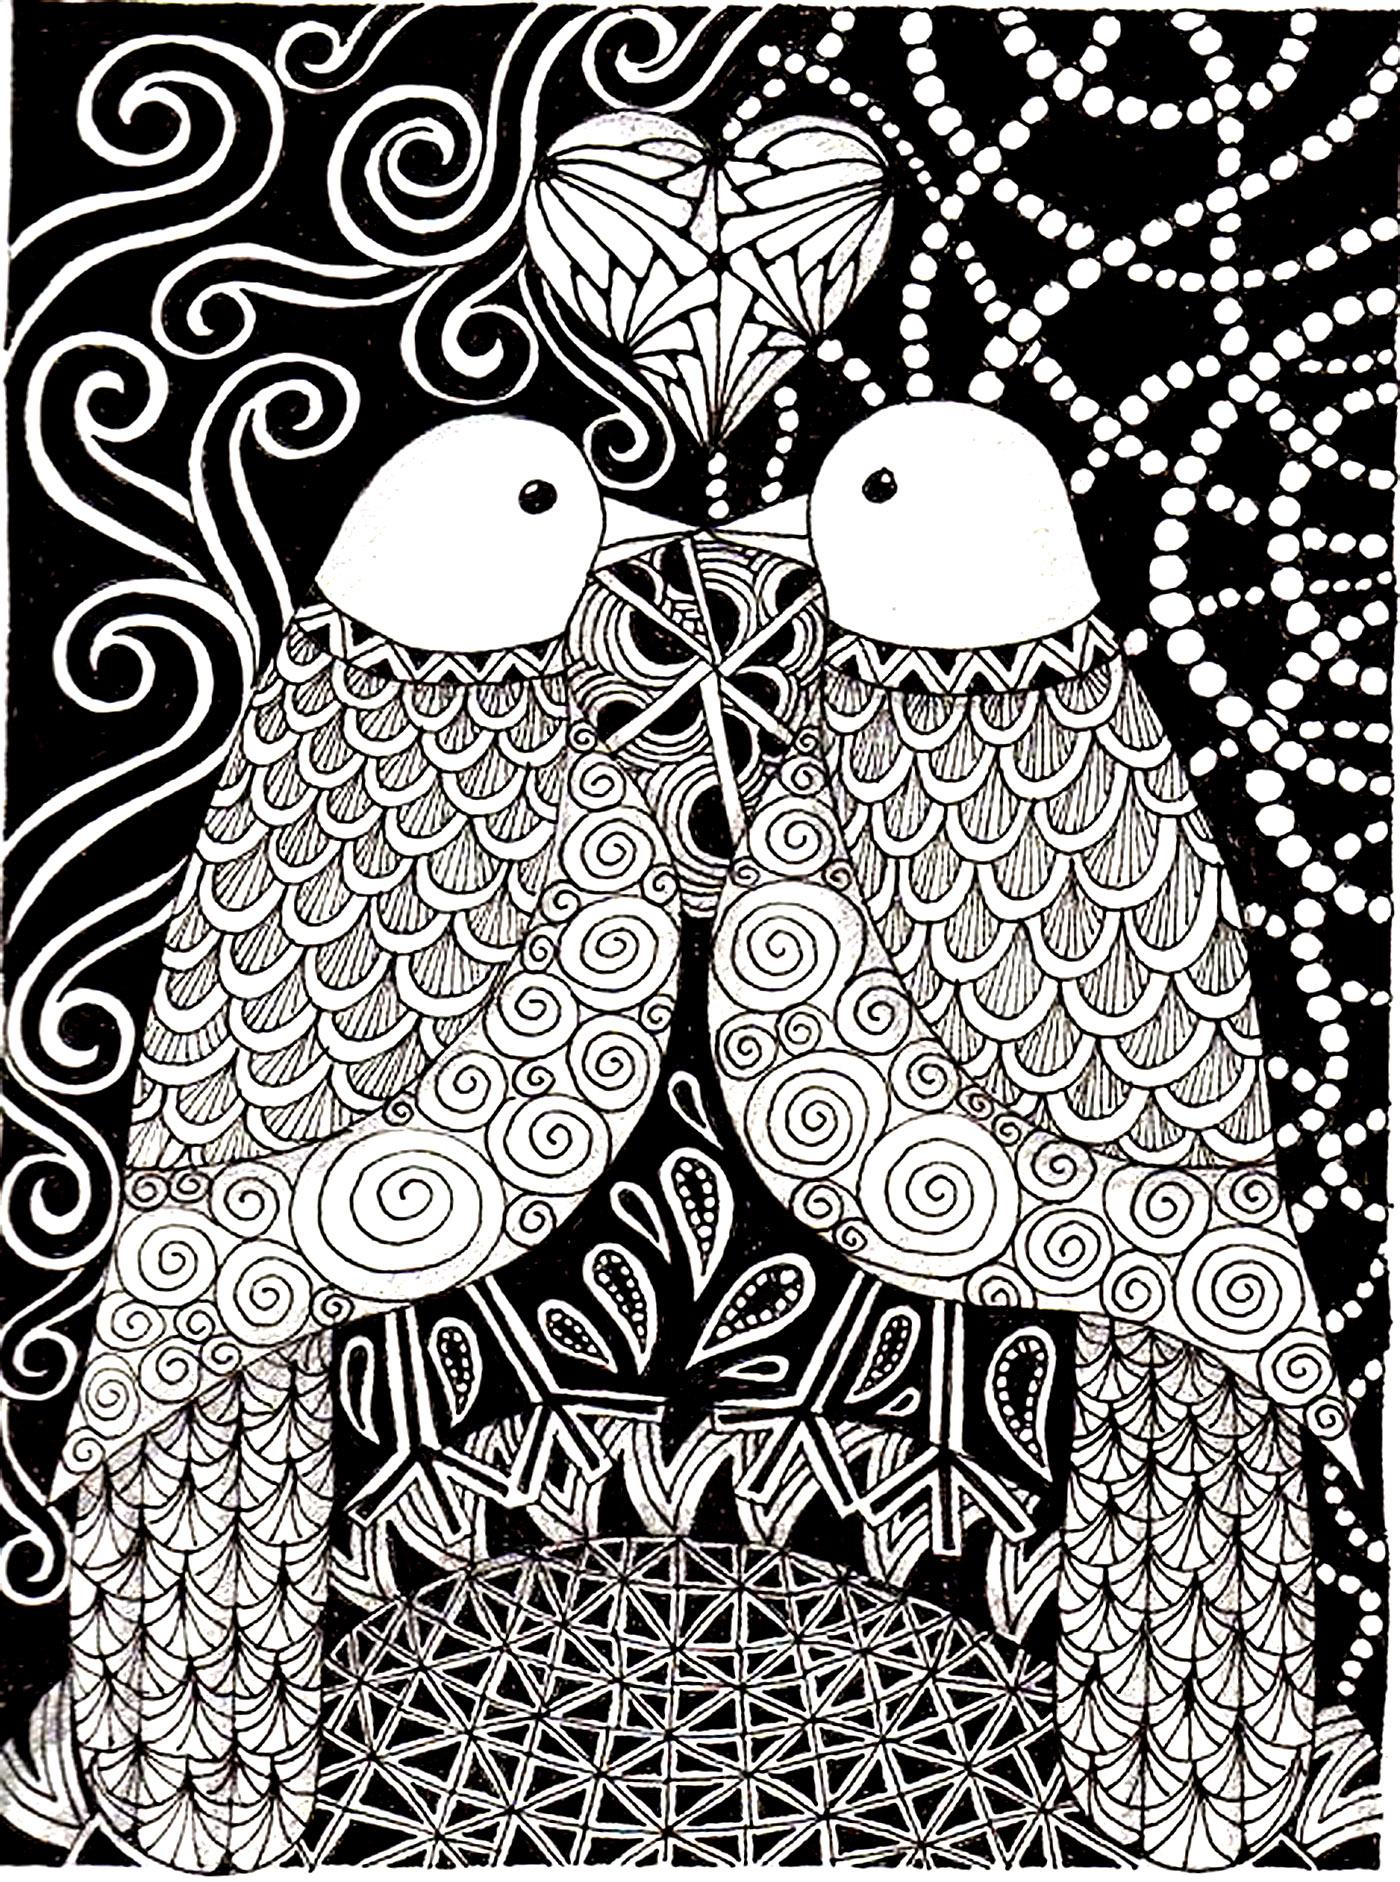 Disegni da colorare per adulti : Uccelli - 14